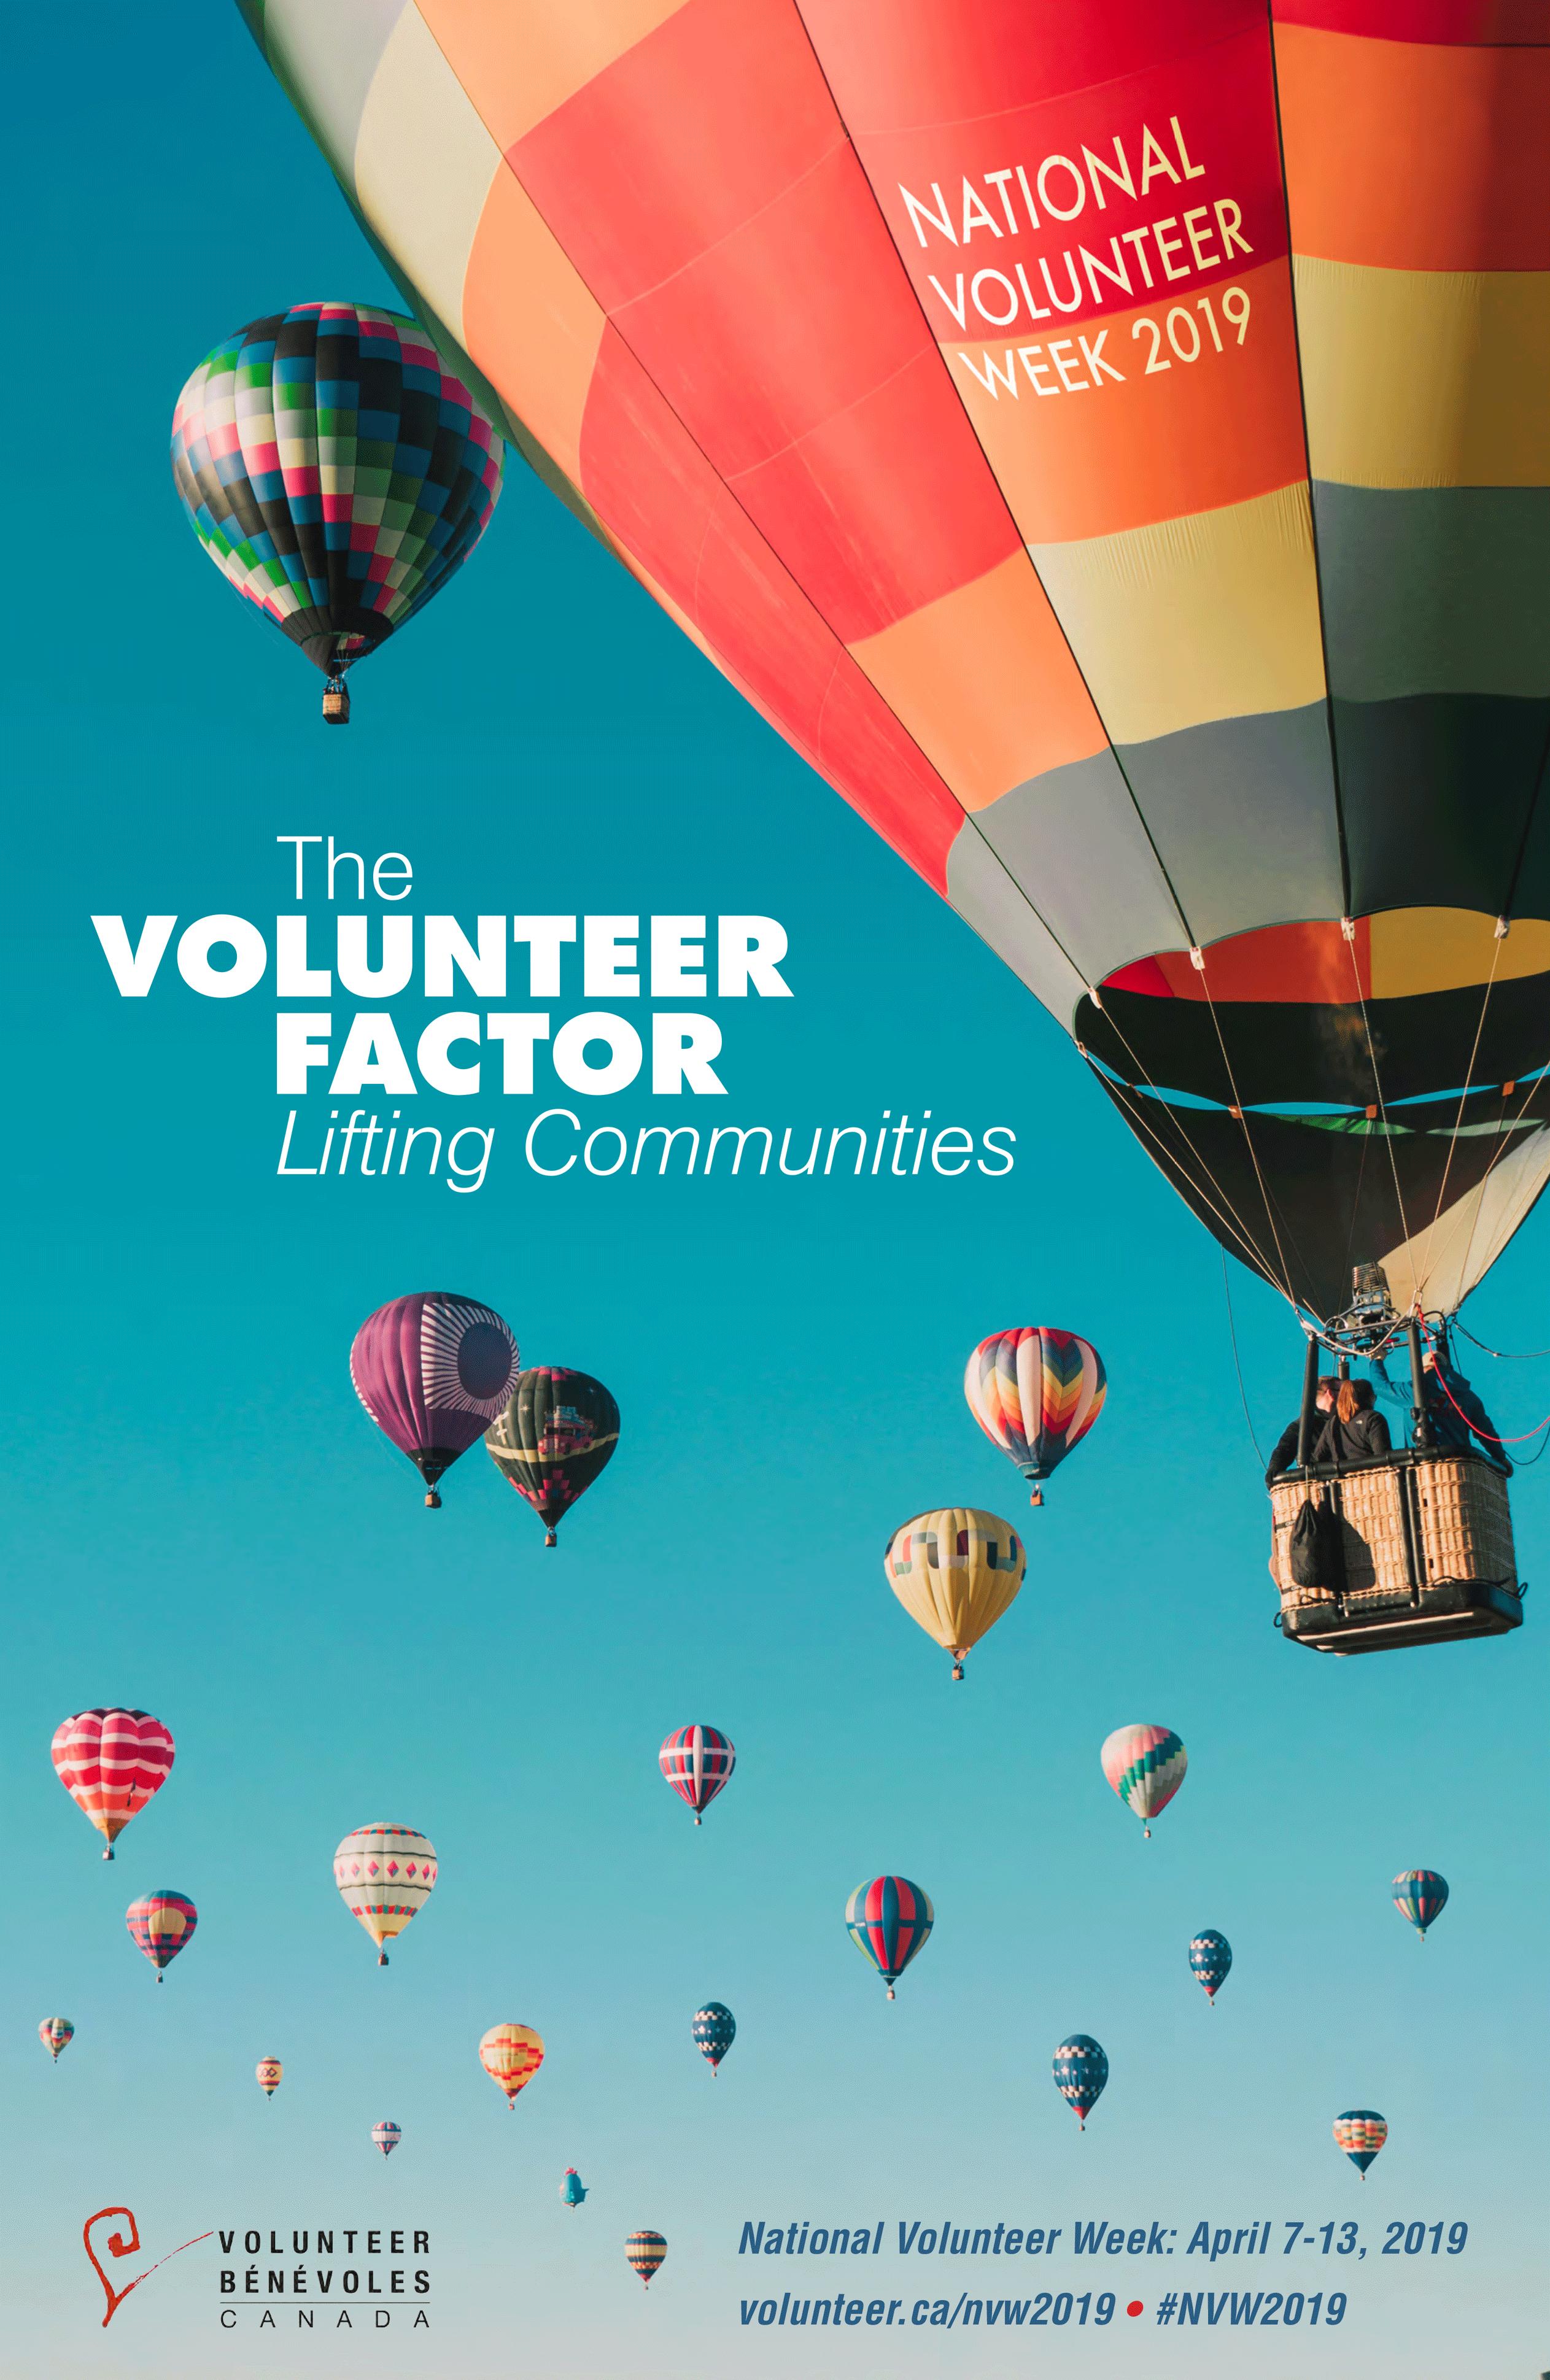 2019 National Volunteer Week